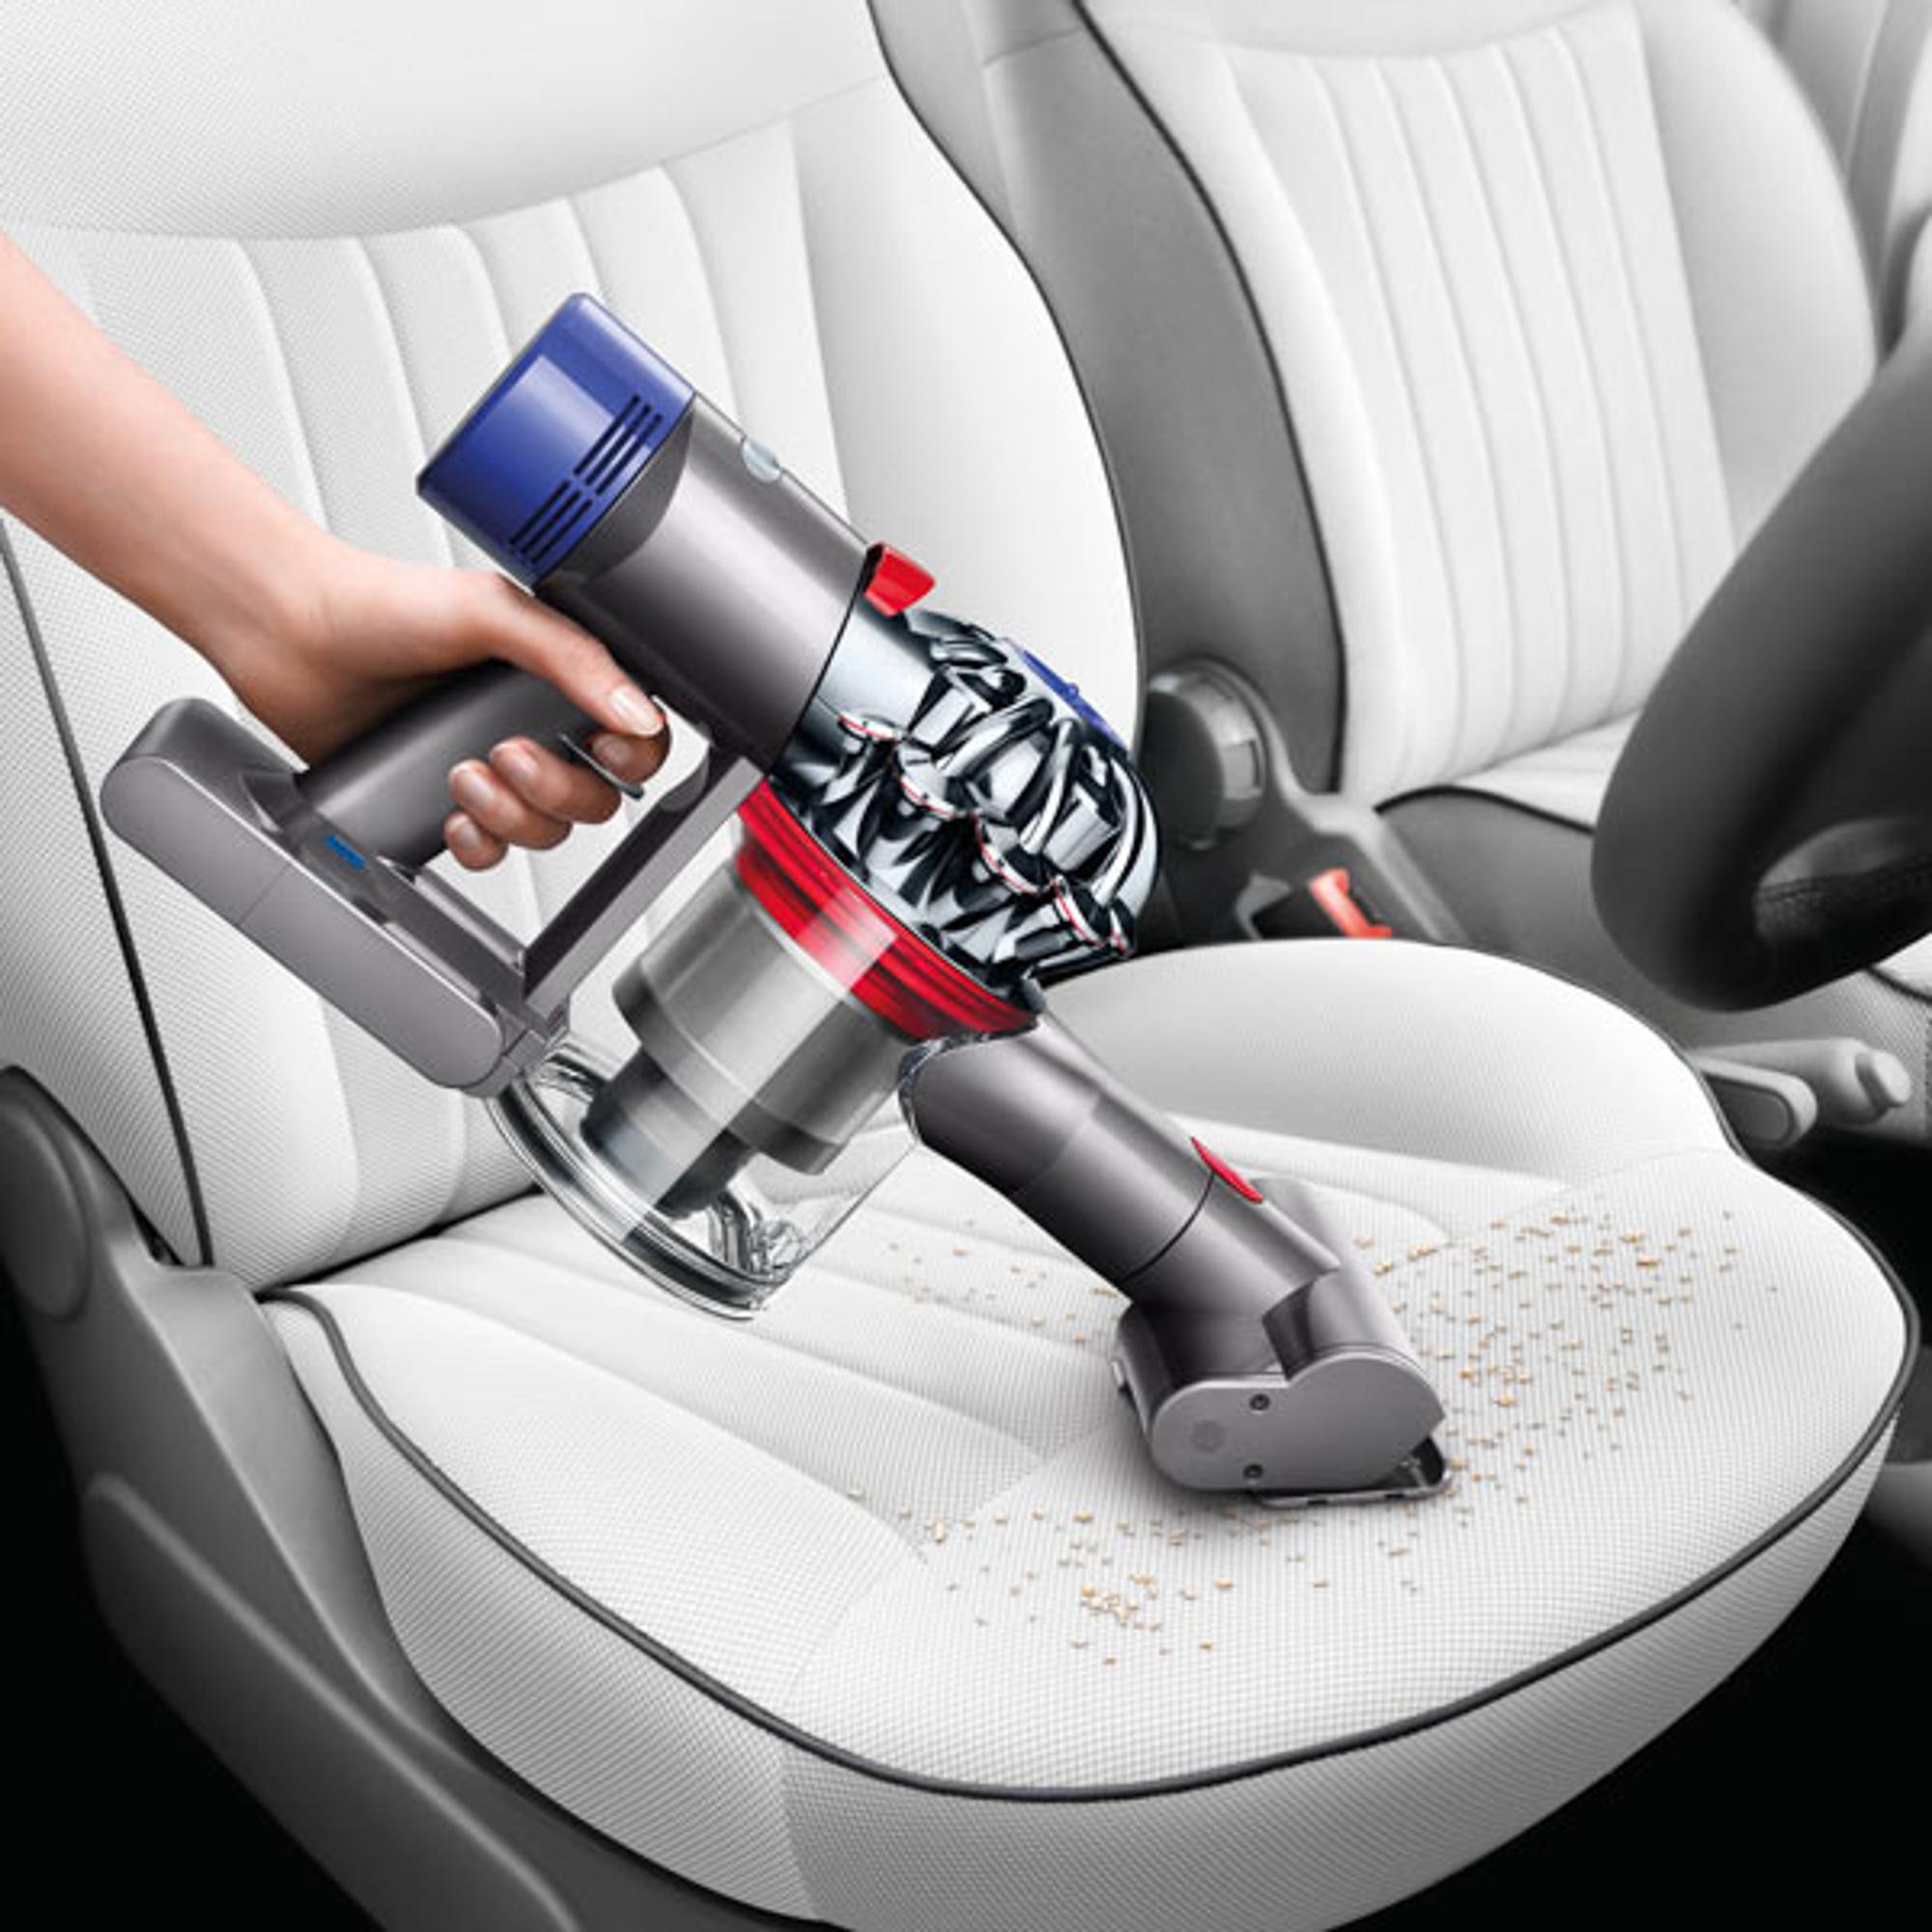 Пылесосы для автомобилей дайсон dyson animal vacuum review